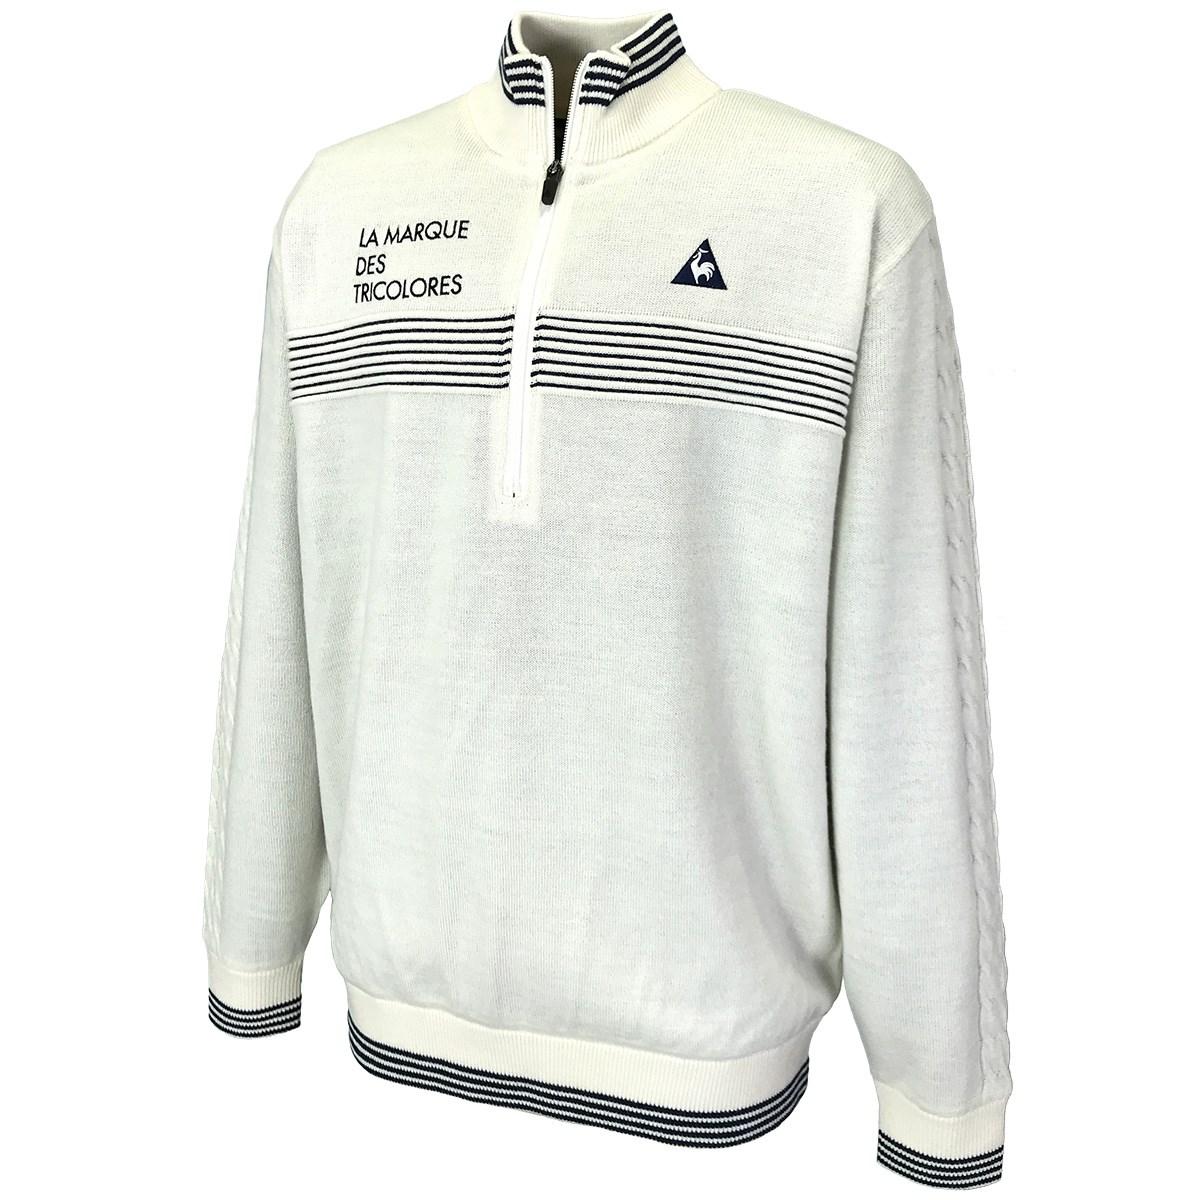 [アウトレット] [50%OFF 在庫限りのお買い得商品] ルコックゴルフ Le coq sportif GOLF ジップアップ防風裏付きセーター ホワイト 00 メンズ ゴルフウェア